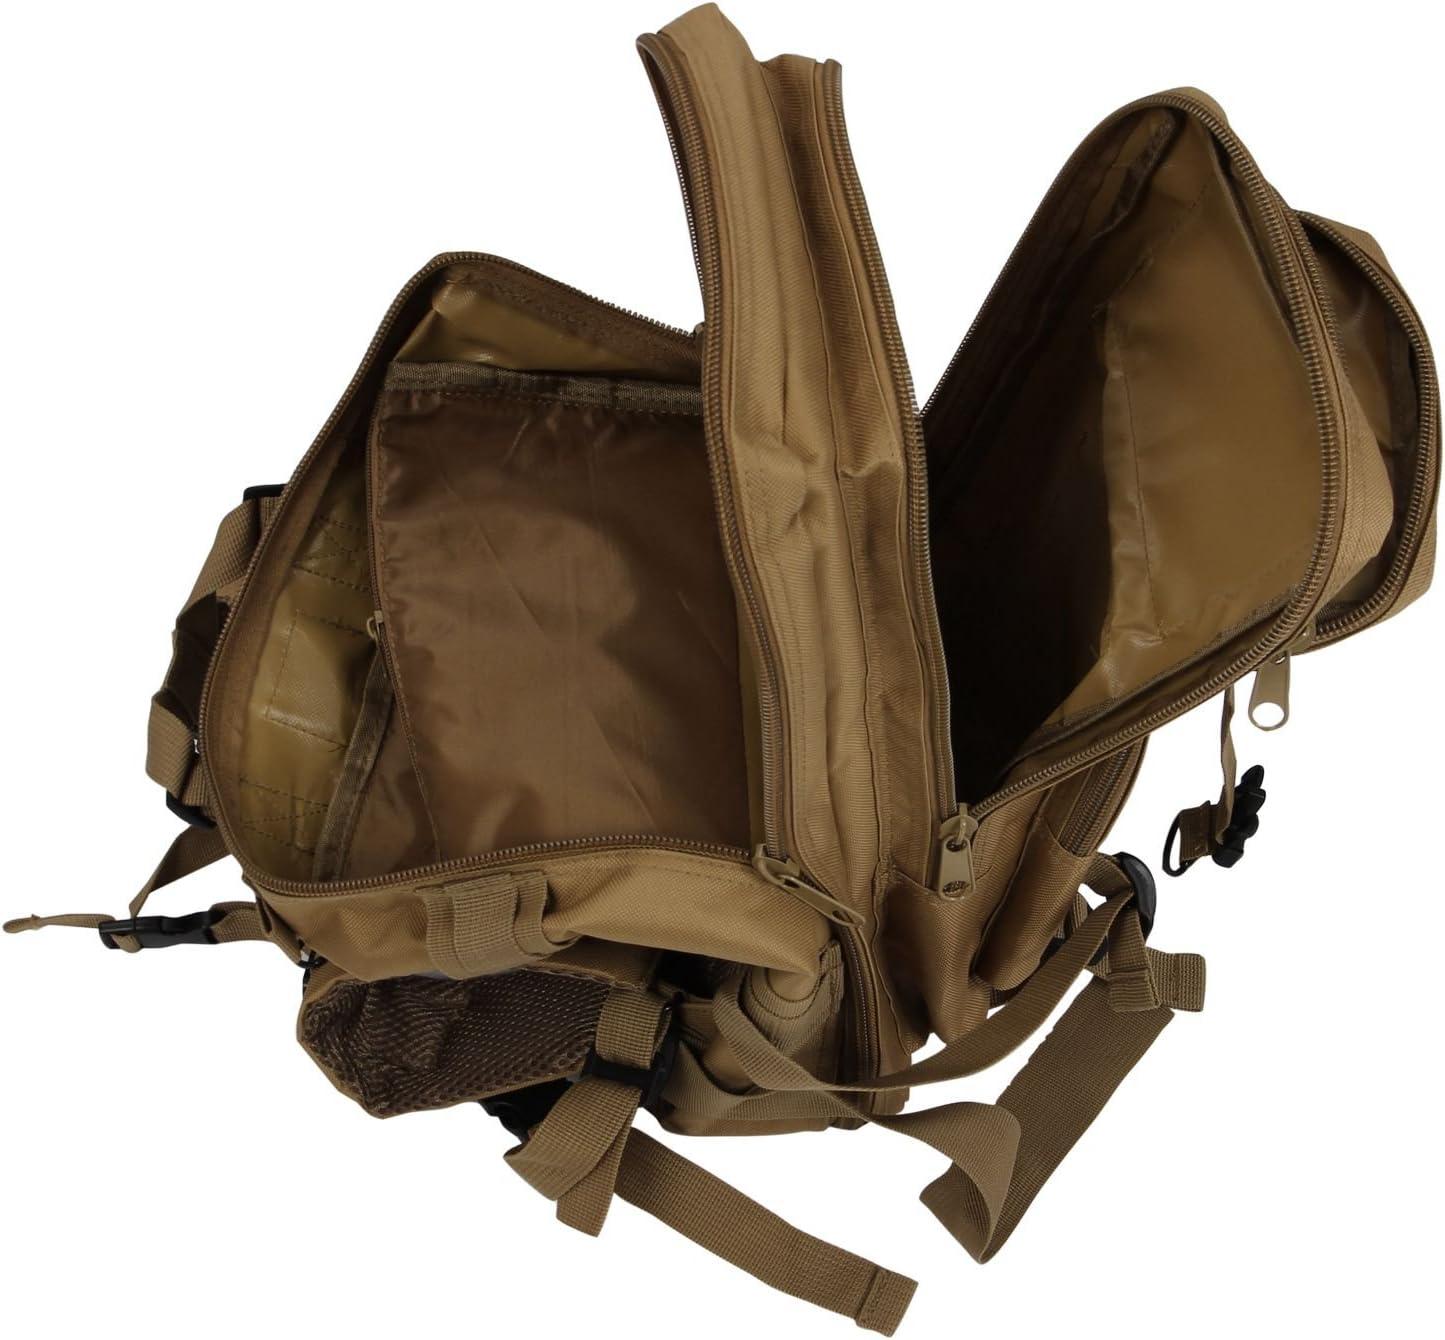 SODIAL Sac /à dos militaire pour la randonn/ée et le camping Camouflage 30/l R